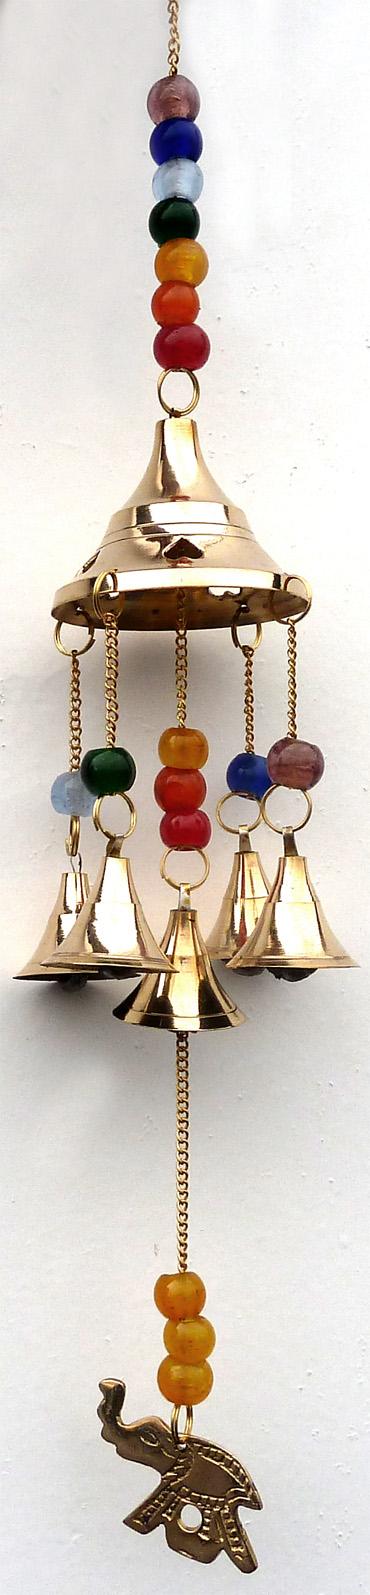 Carillon cuivre éléphant cloche & perles 38cm